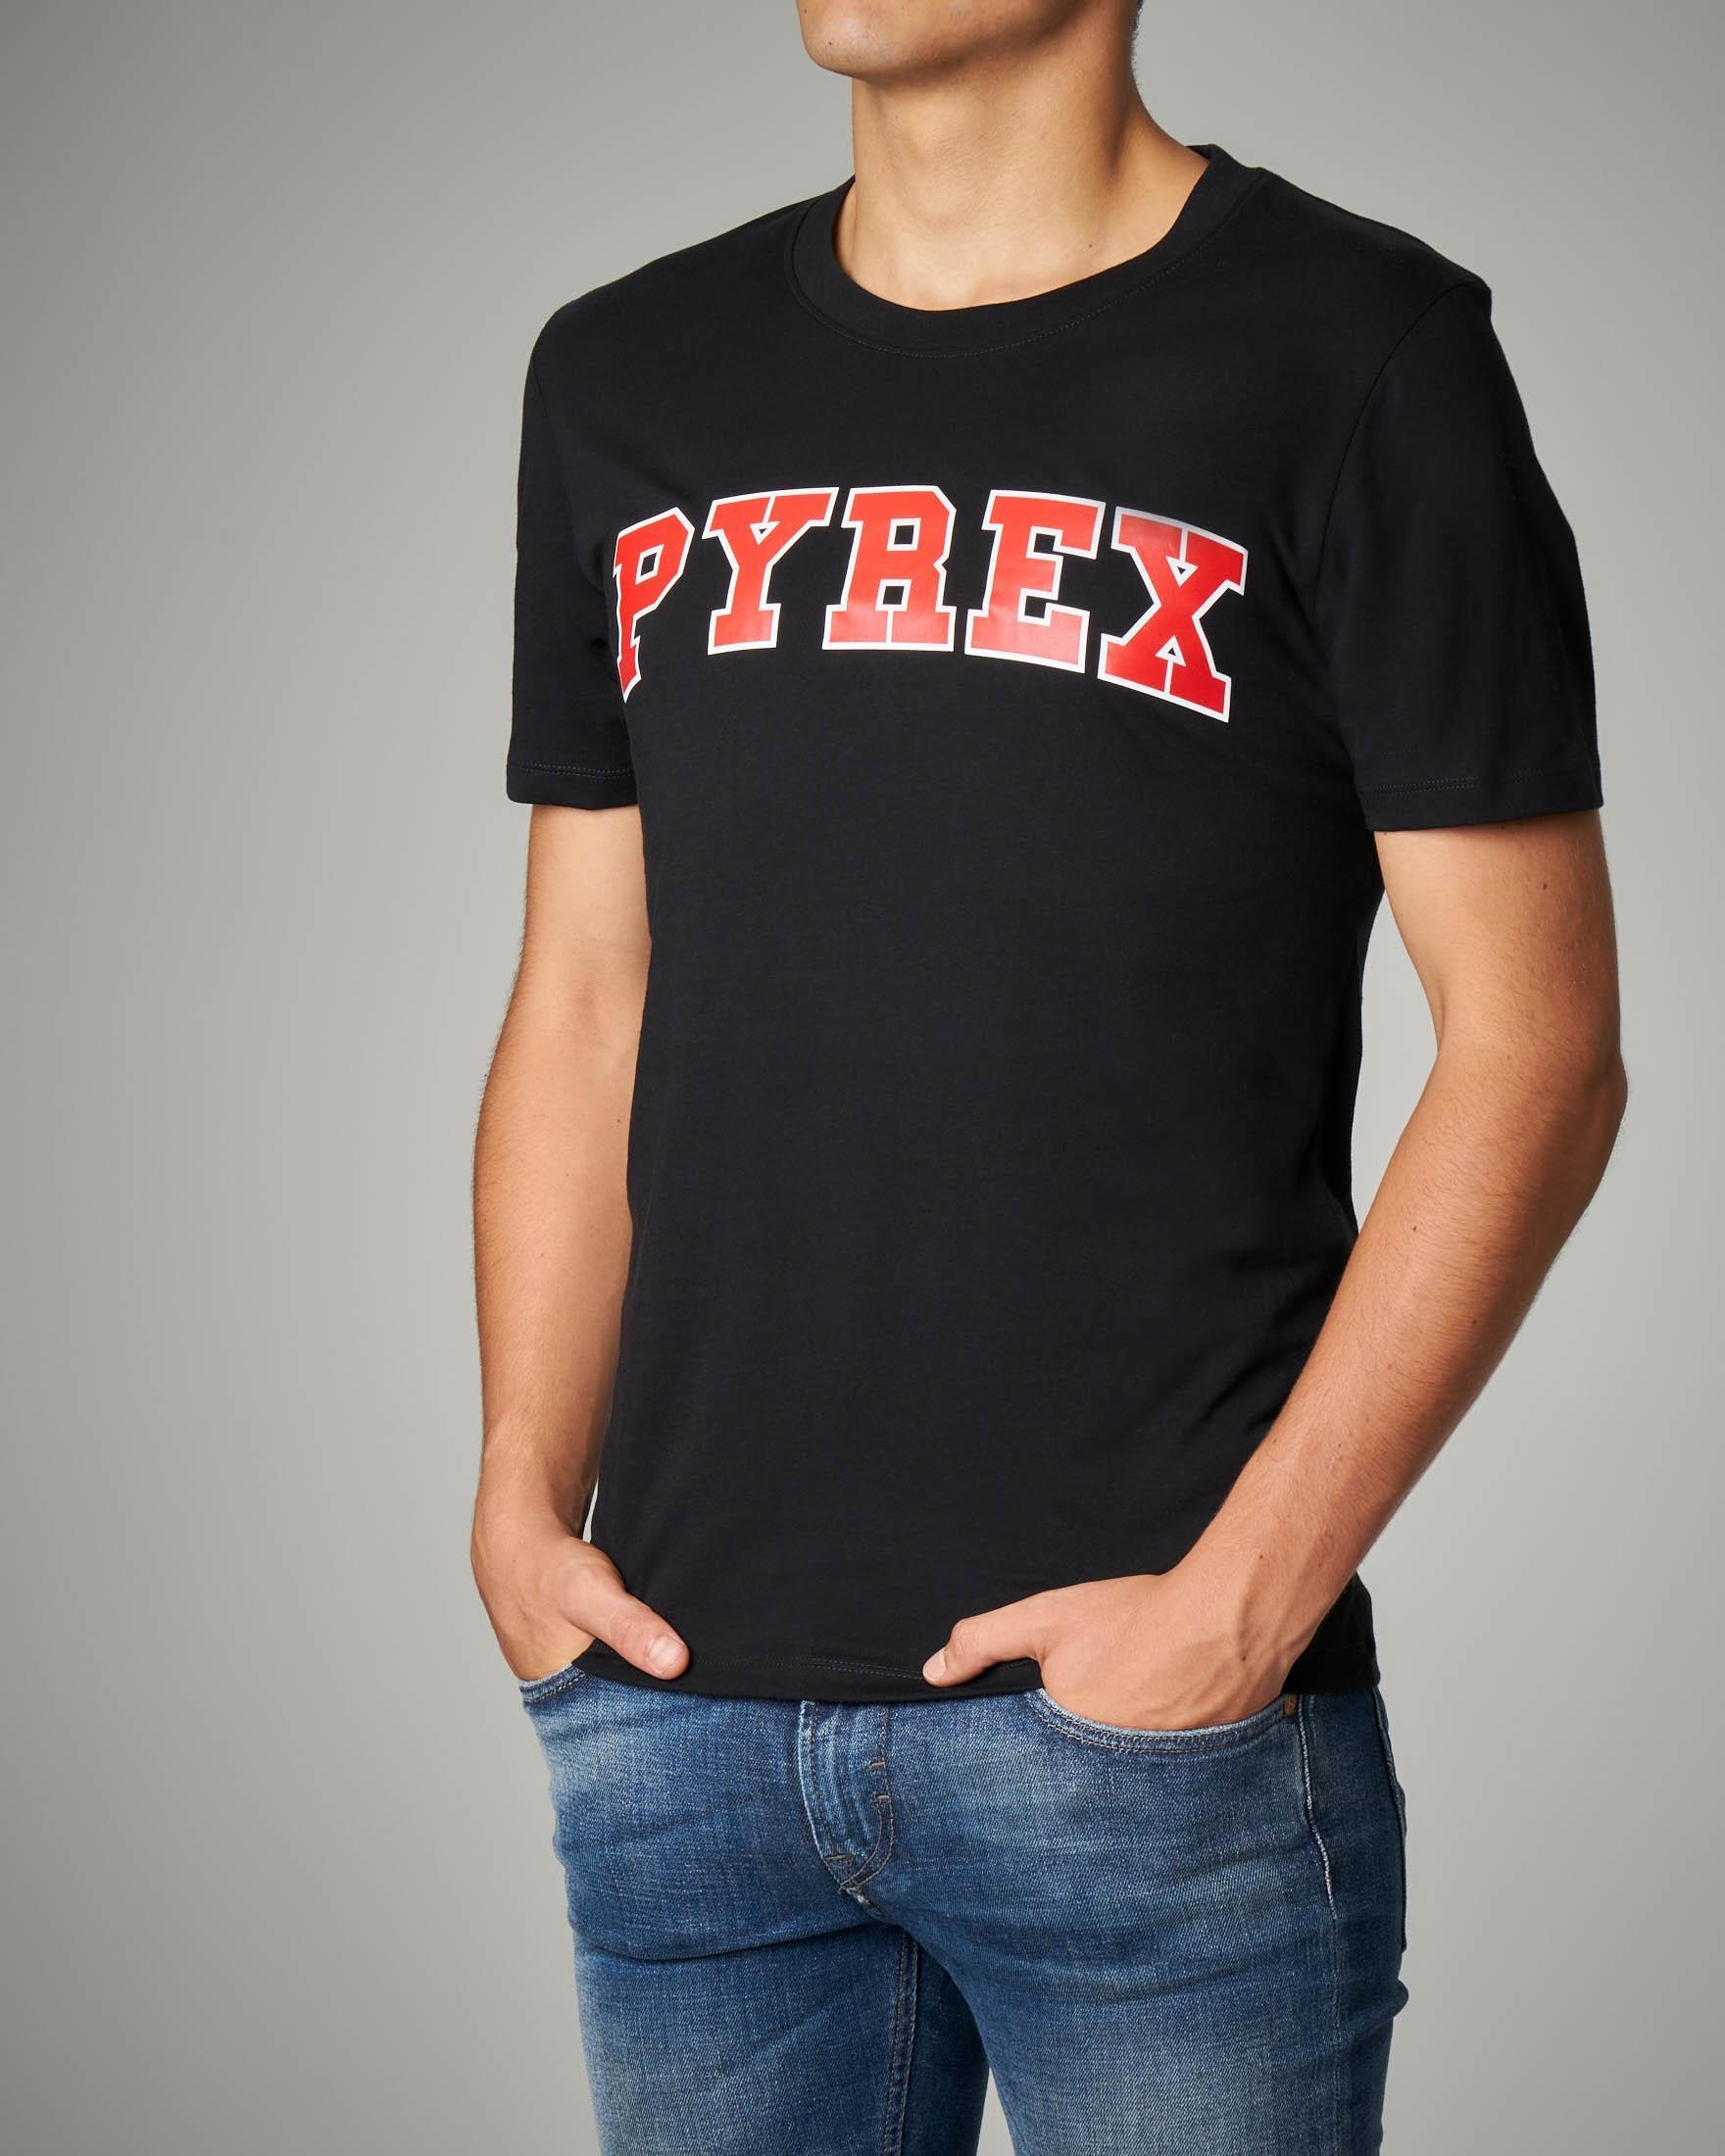 T-shirt nera logo rosso